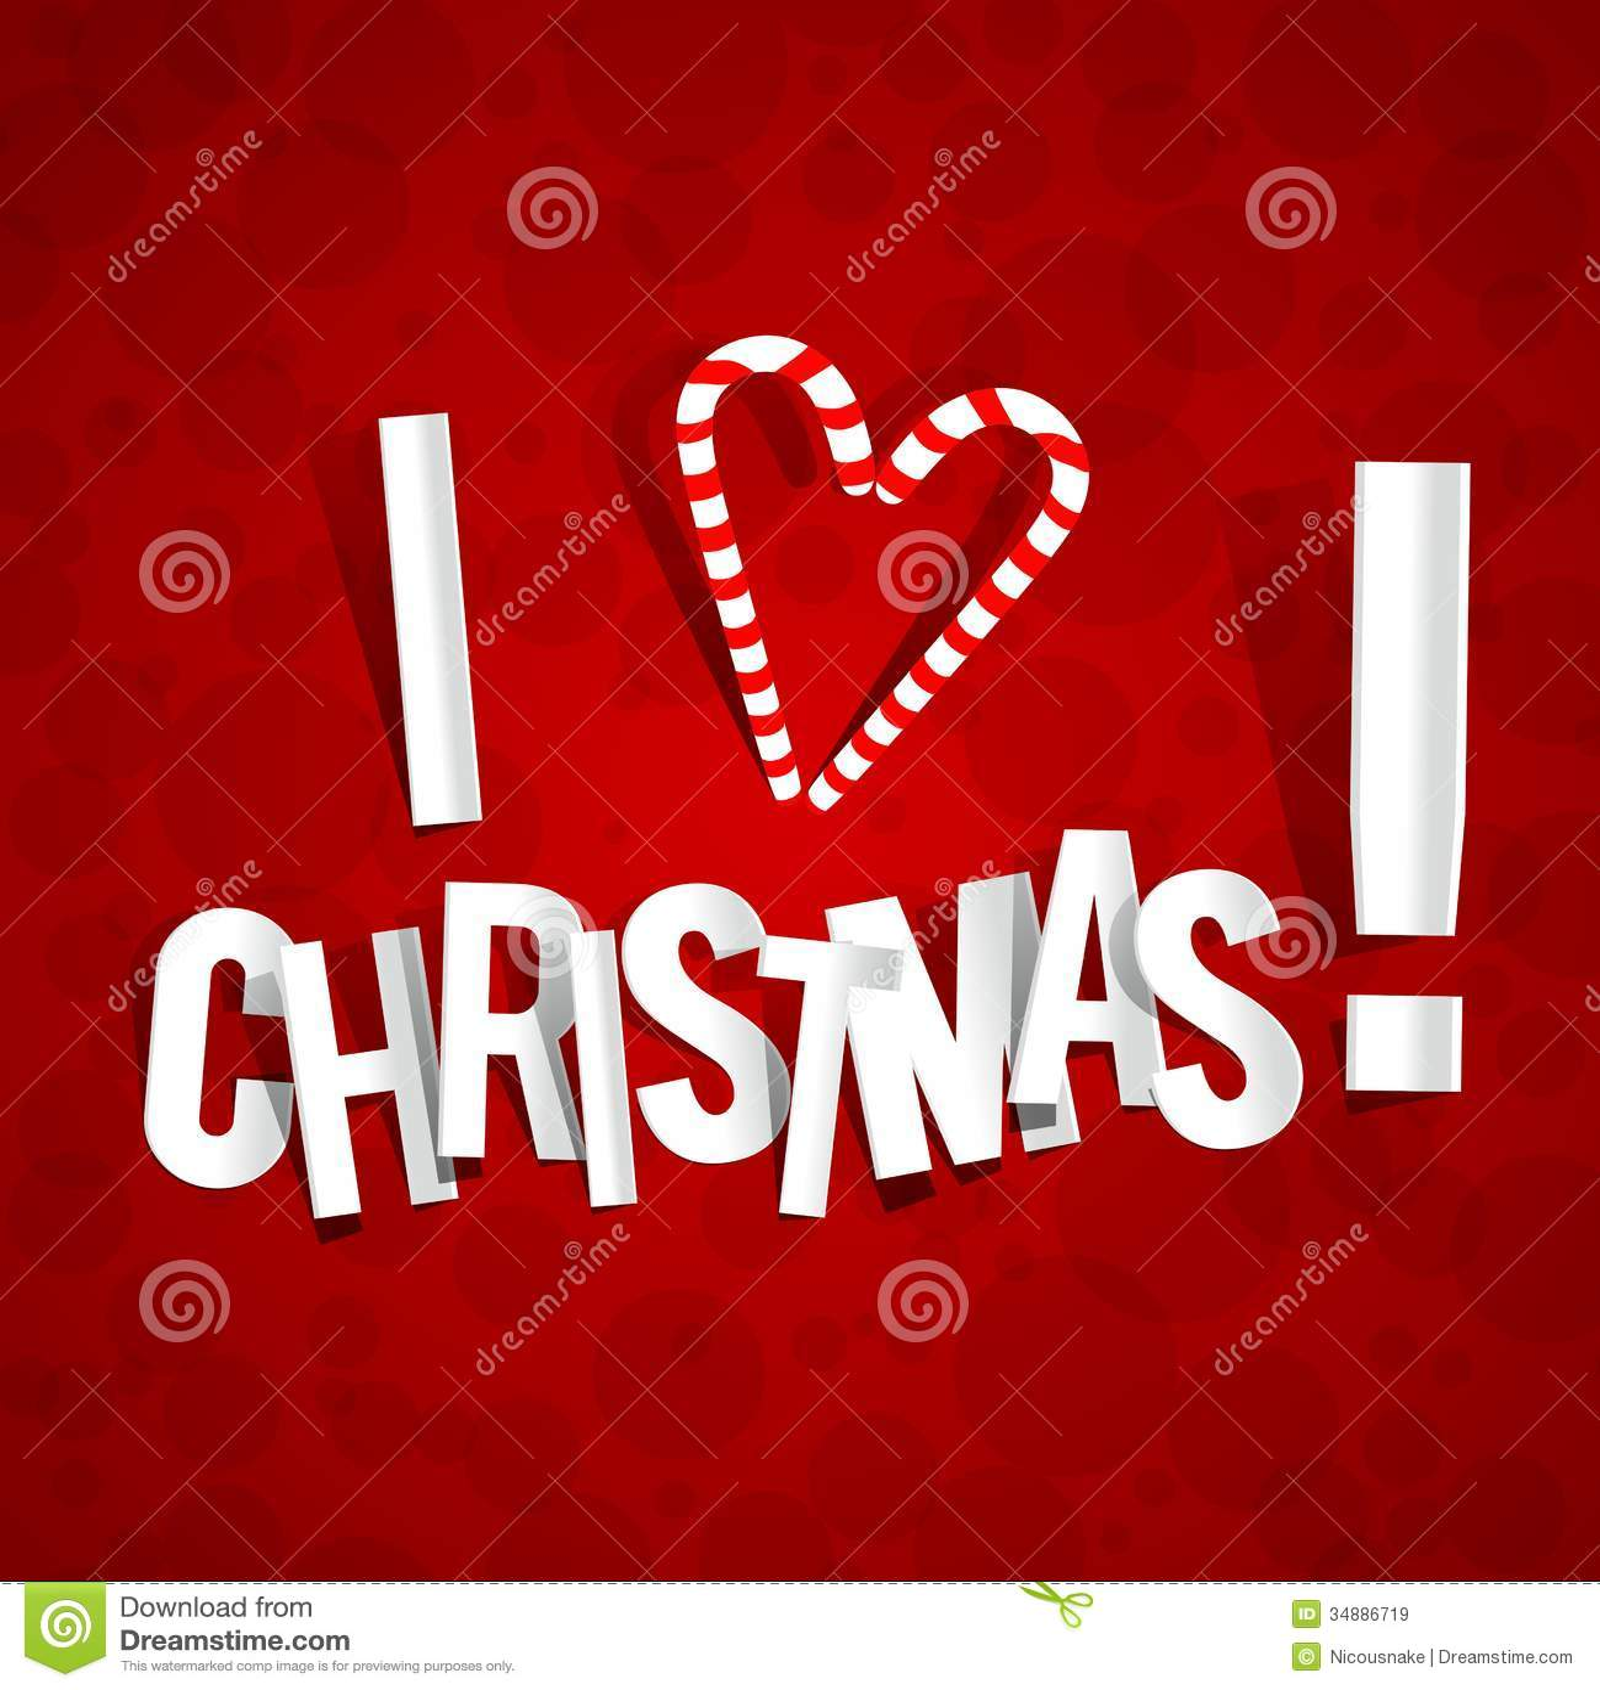 ich liebe weihnachten vektor abbildung bild von zeichen. Black Bedroom Furniture Sets. Home Design Ideas